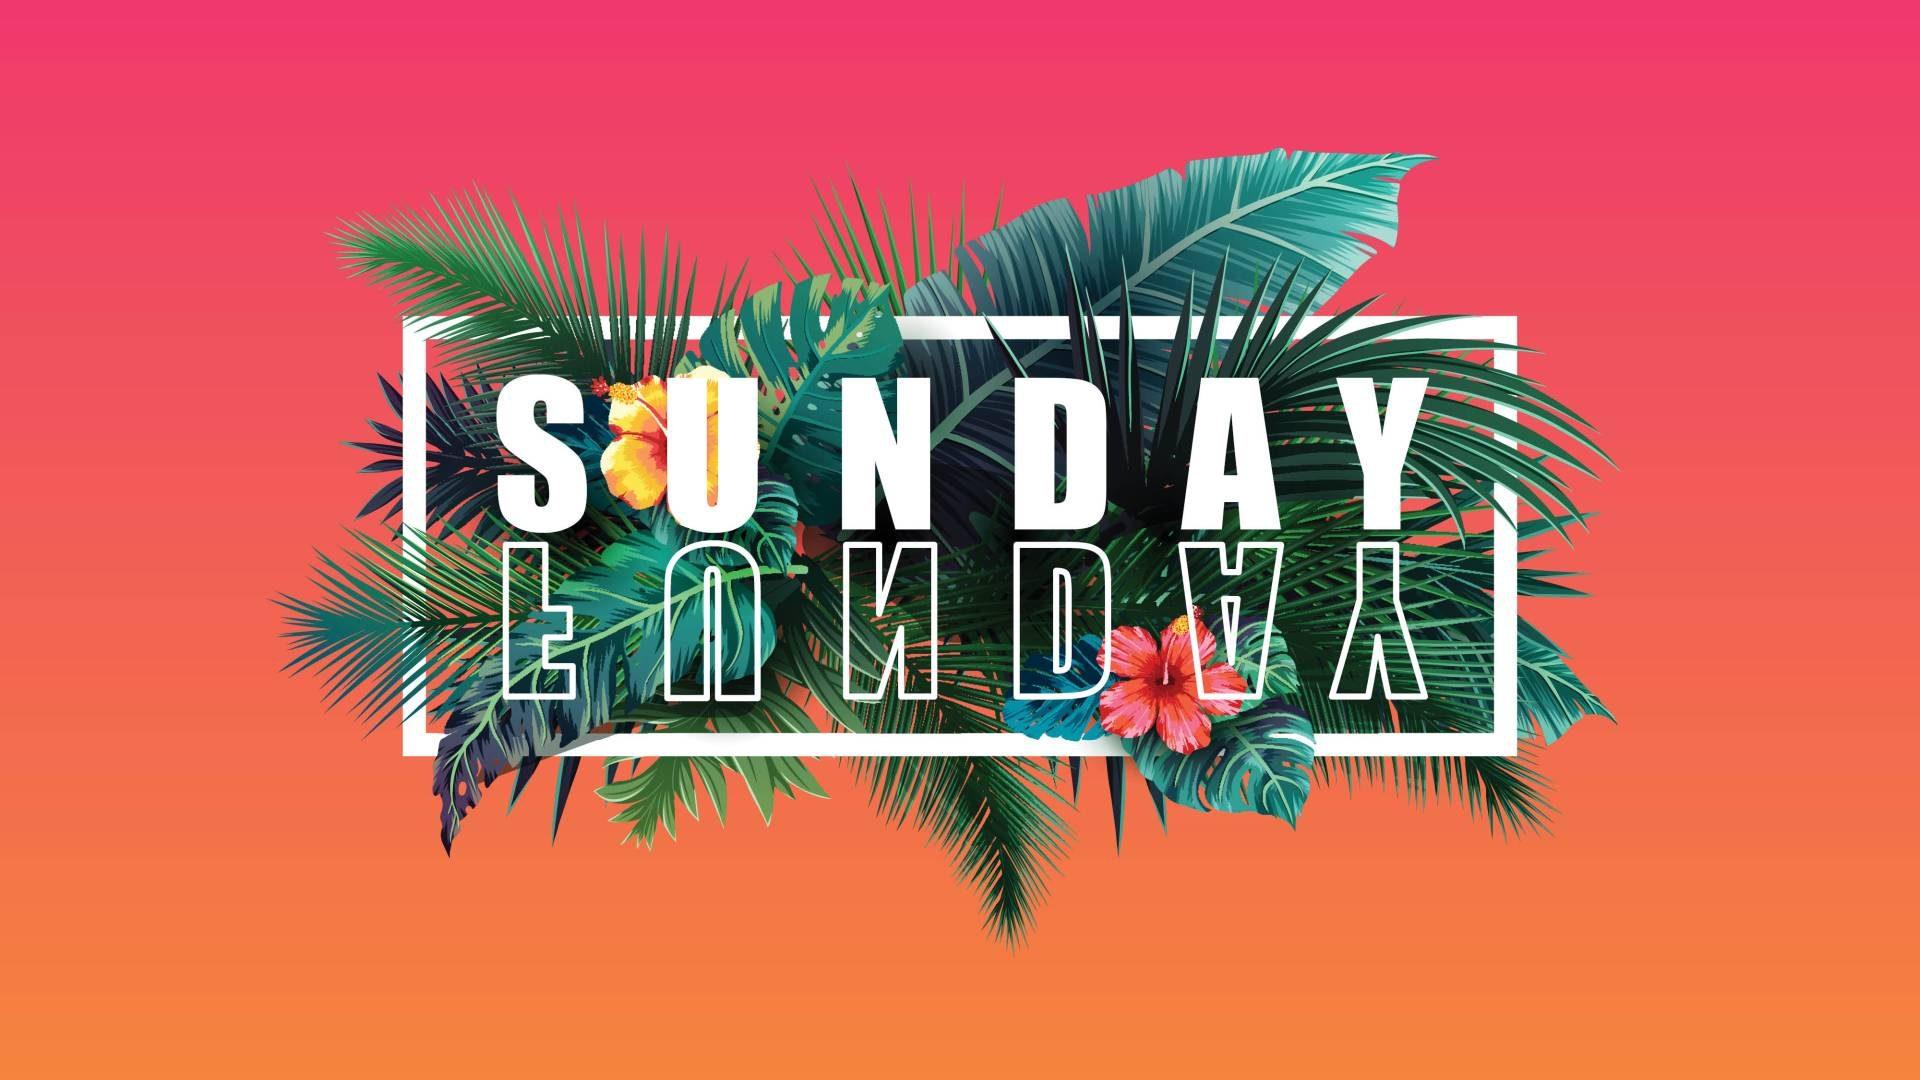 Sunday Fundays